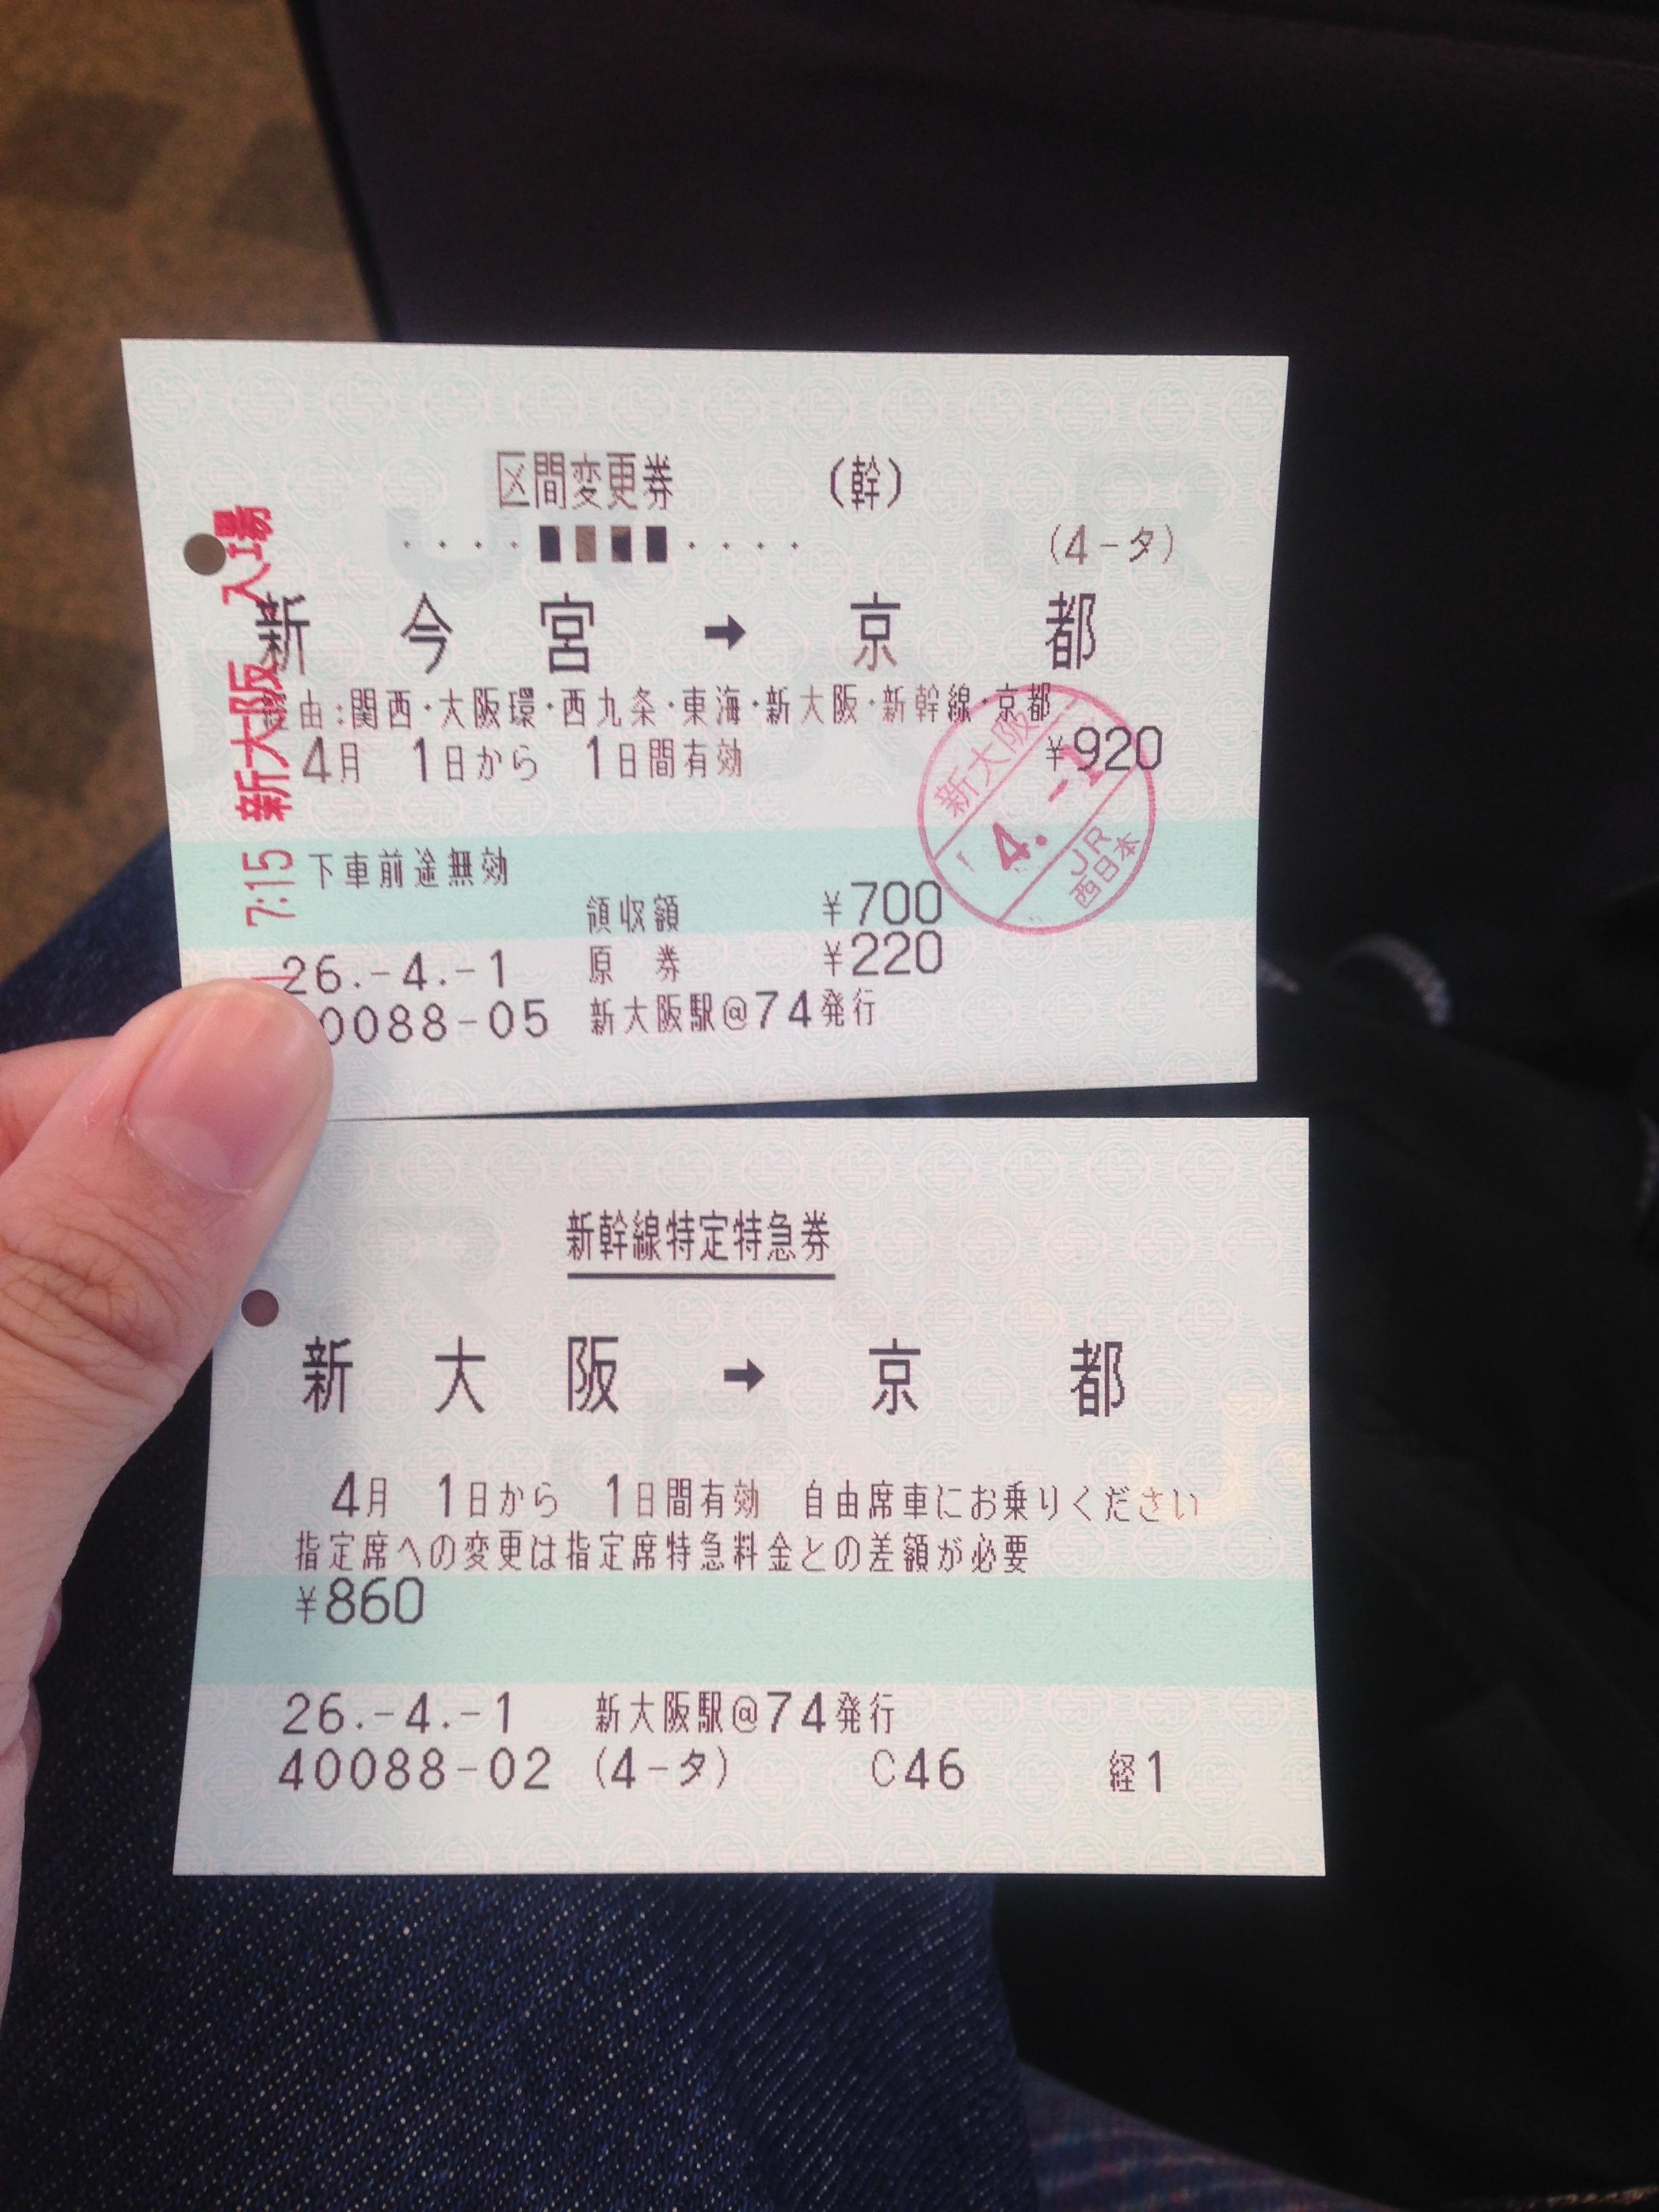 Beli Tiket Shinkansen Online Dimana